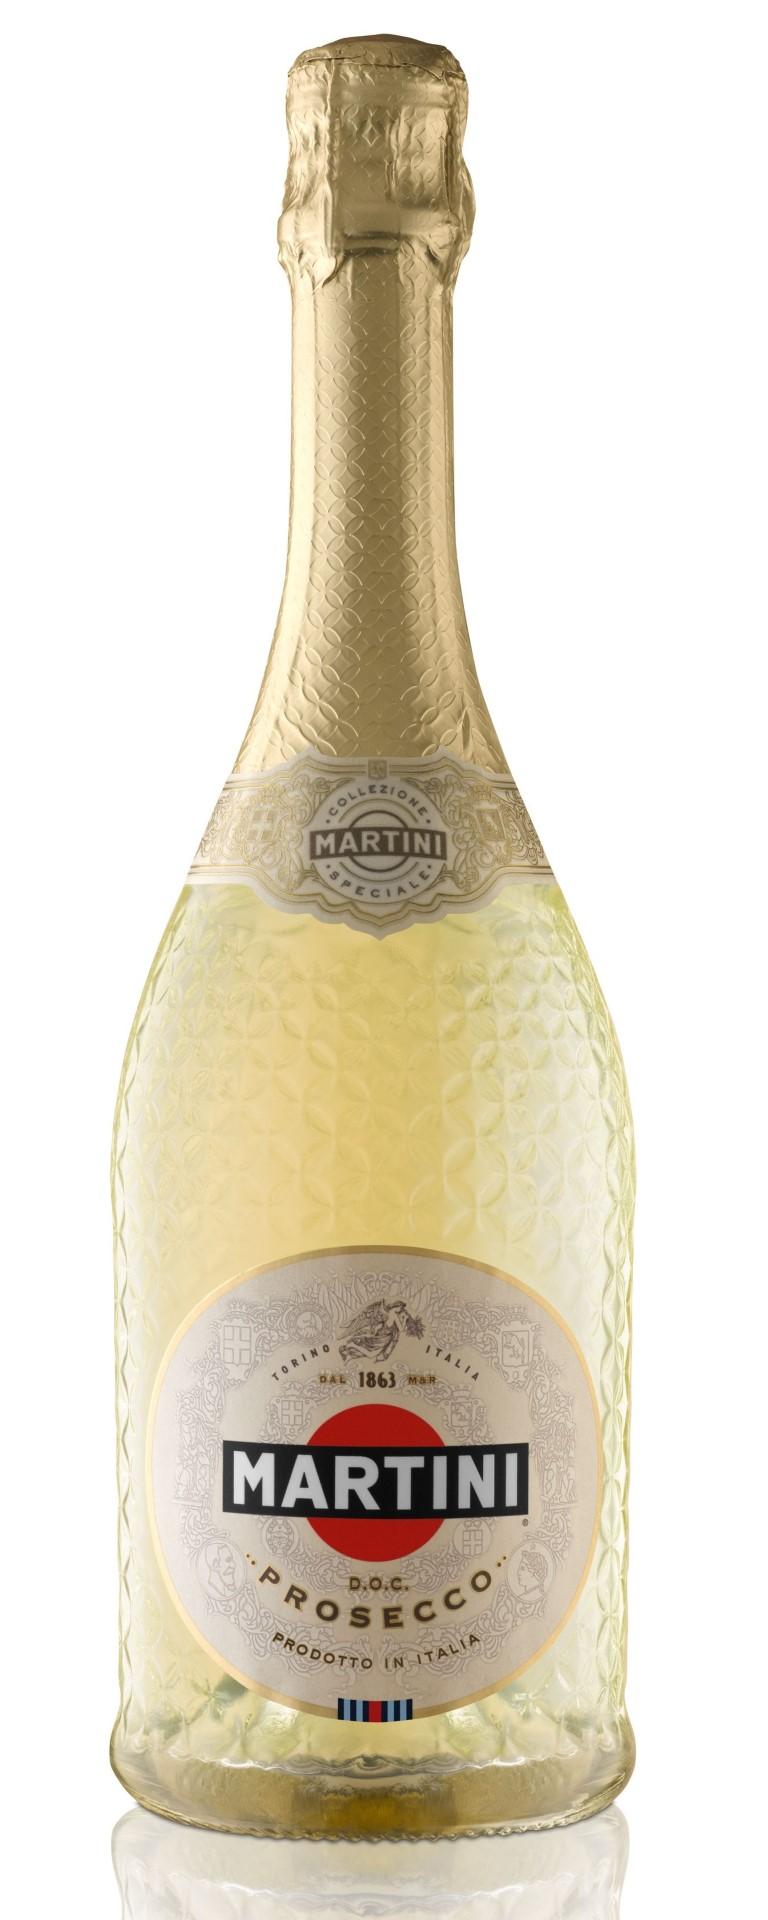 Champagne Martini Asti: description, reviews 59